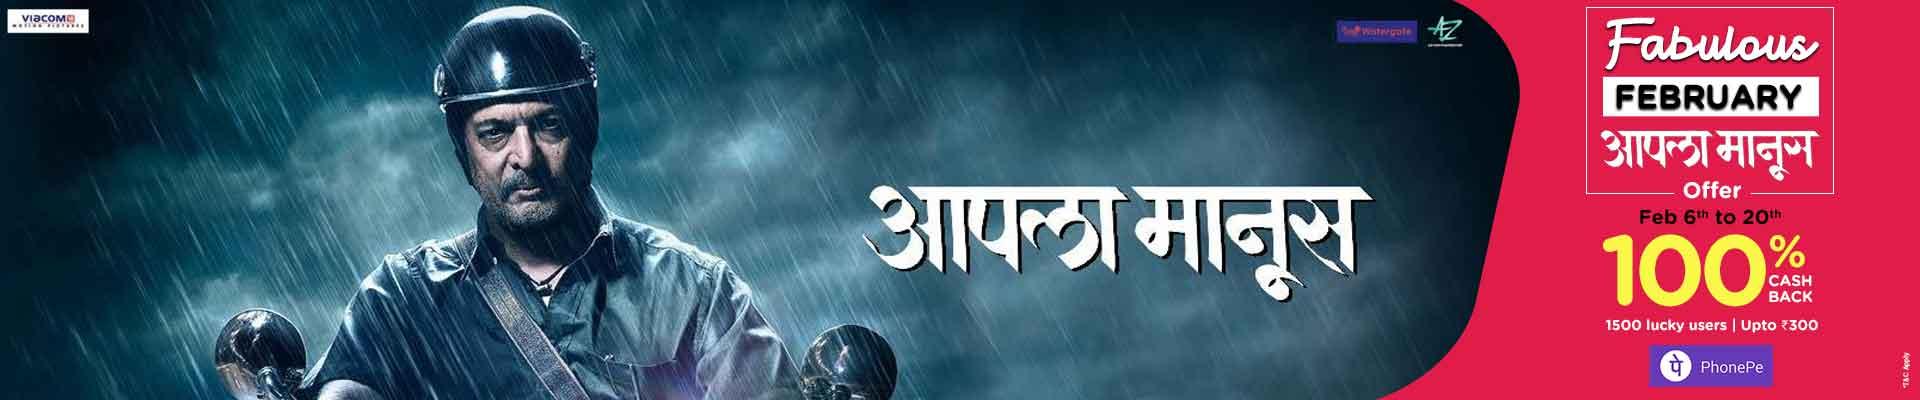 Aapla Manus - Hindi Banner